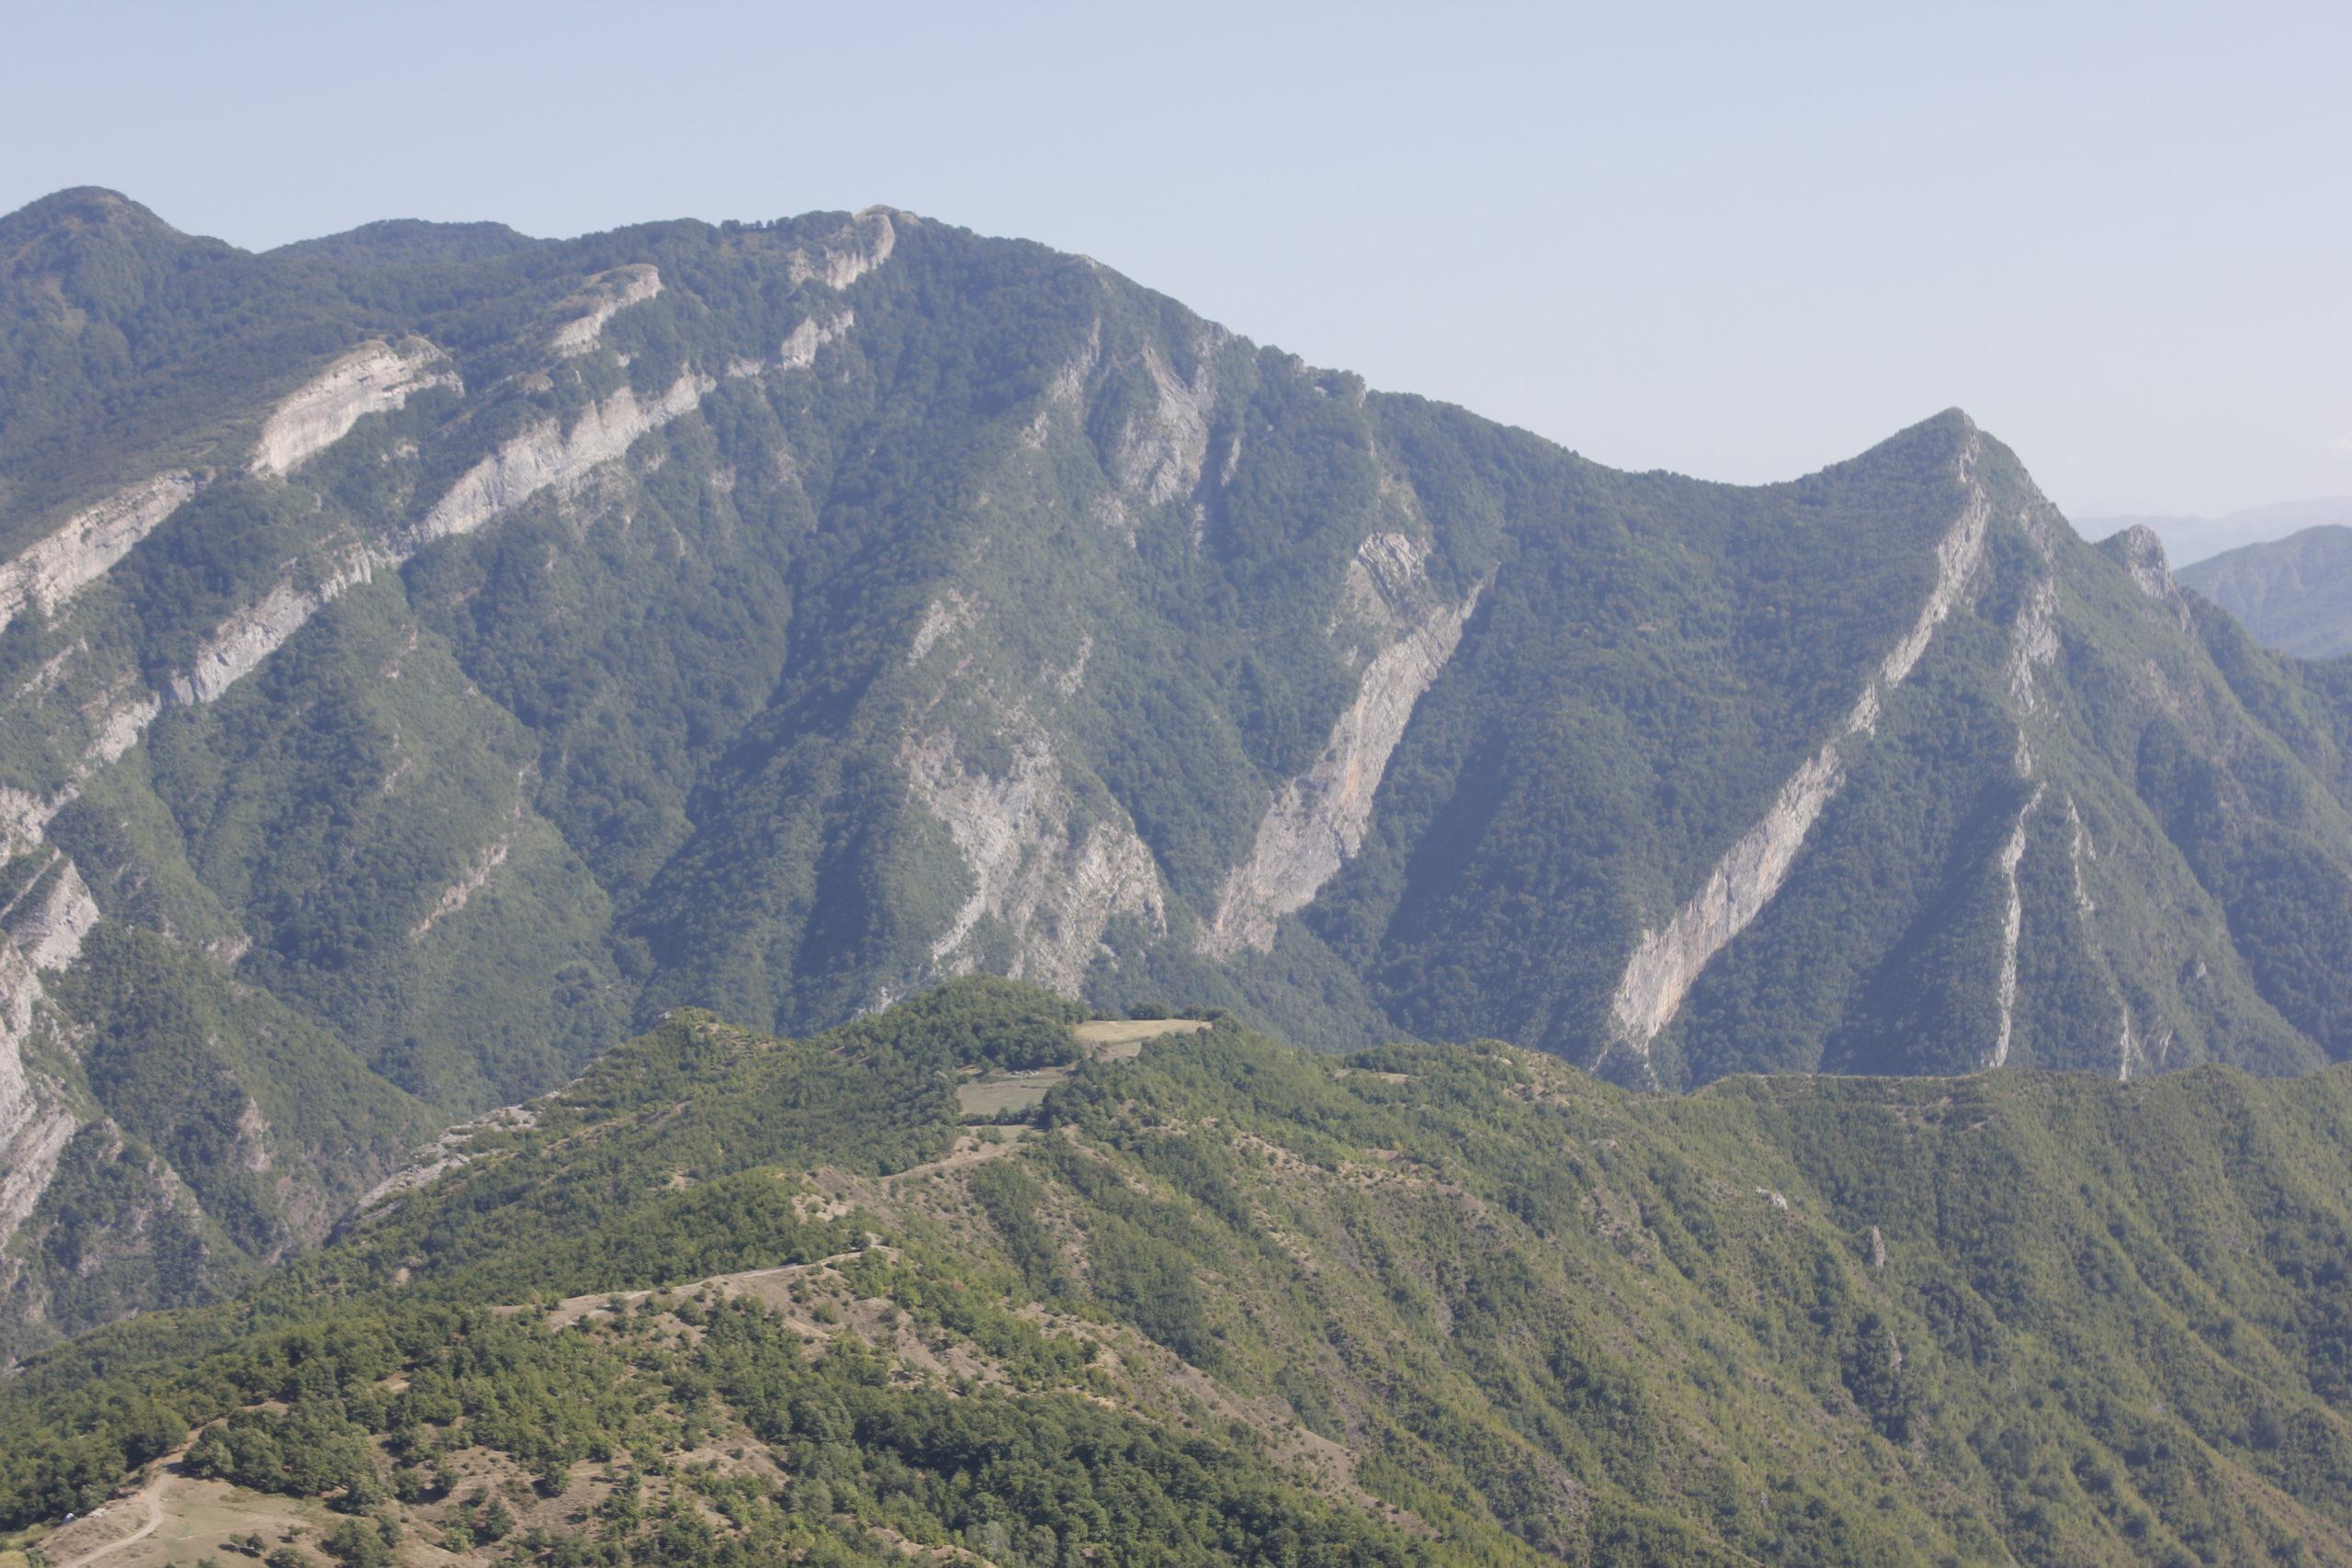 4x4 Abenteuerreise: Albanien so nah und doch so fremd 8